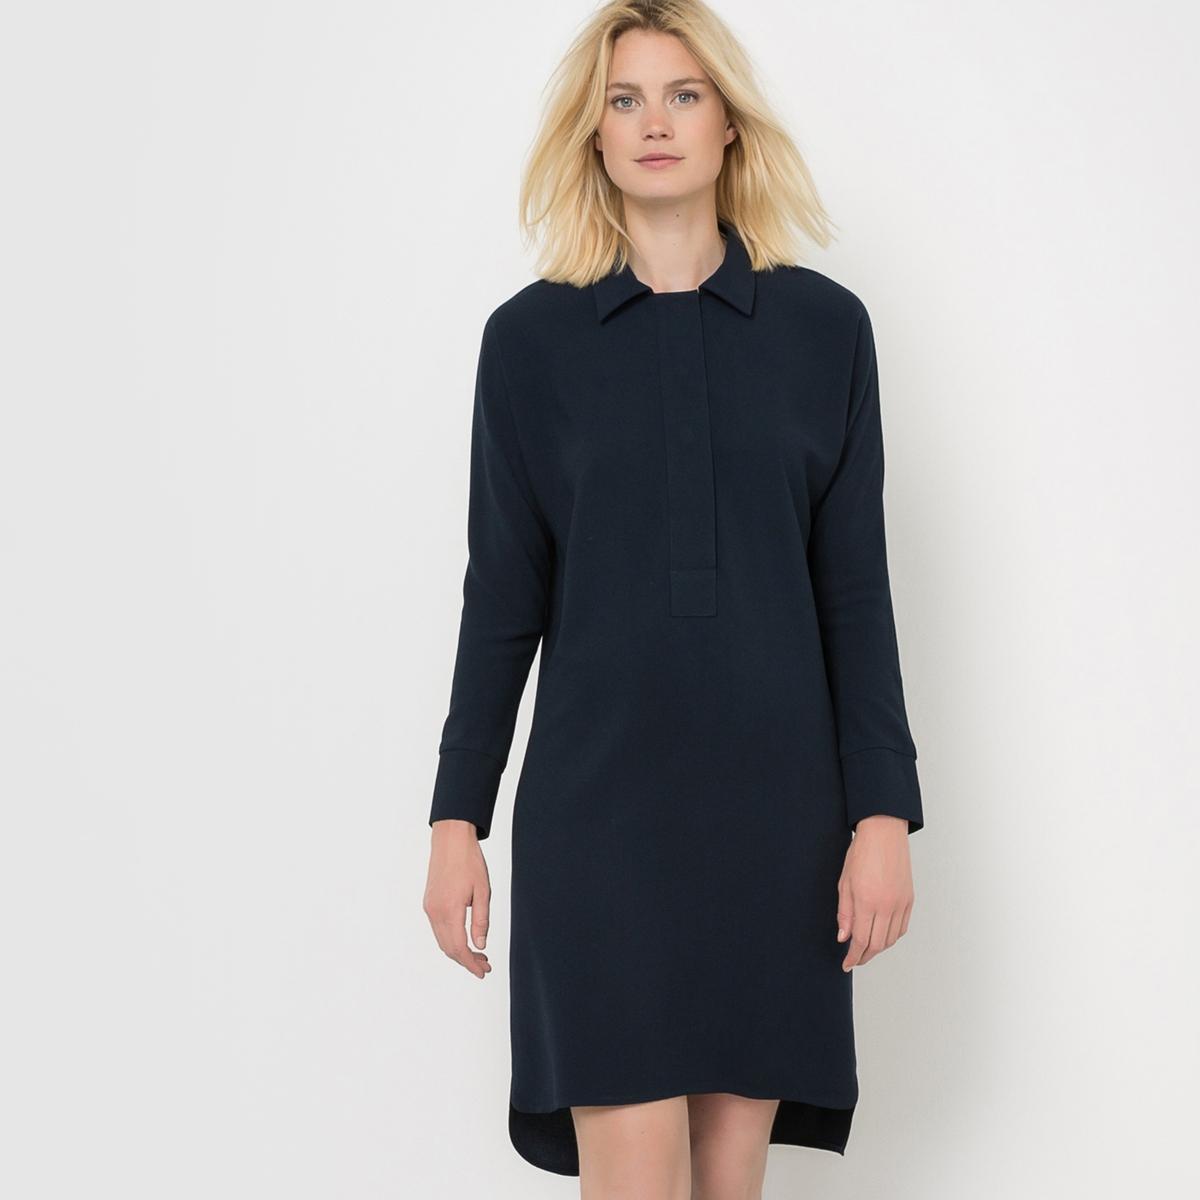 Платье с длинными рукавамиСостав и описание     Материал        98% полиэстера, 2% эластанаДлина     93 см     Марка        R essentiel          Уход          Машинная стирка при 30 °C с вещами схожих цветов.     Стирать и гладить с изнаночной стороны.     Гладить при умеренной температуре.<br><br>Цвет: красно-фиолетовый,темно-синий,черный<br>Размер: 48 (FR) - 54 (RUS).44 (FR) - 50 (RUS).42 (FR) - 48 (RUS)